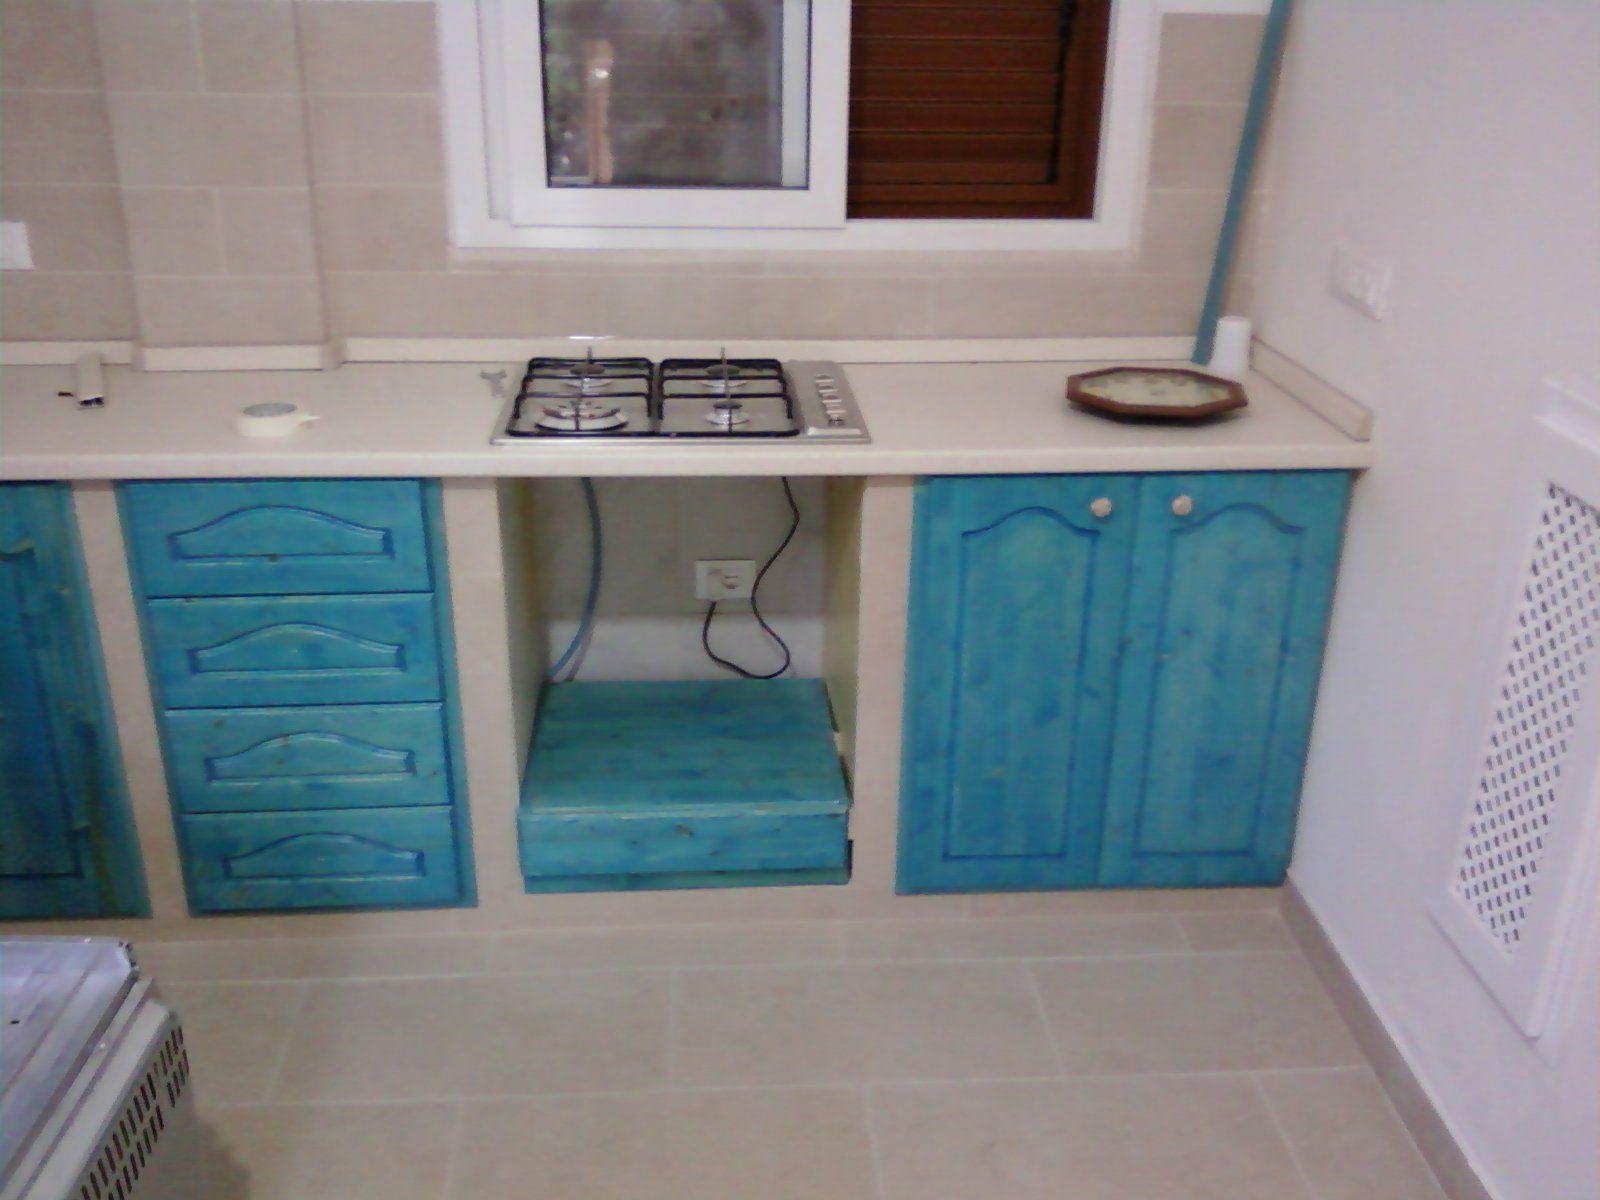 Fai da te hobby legno cucina in muratura barche nel 2019 home decor decor e furniture - Cucina in muratura ...